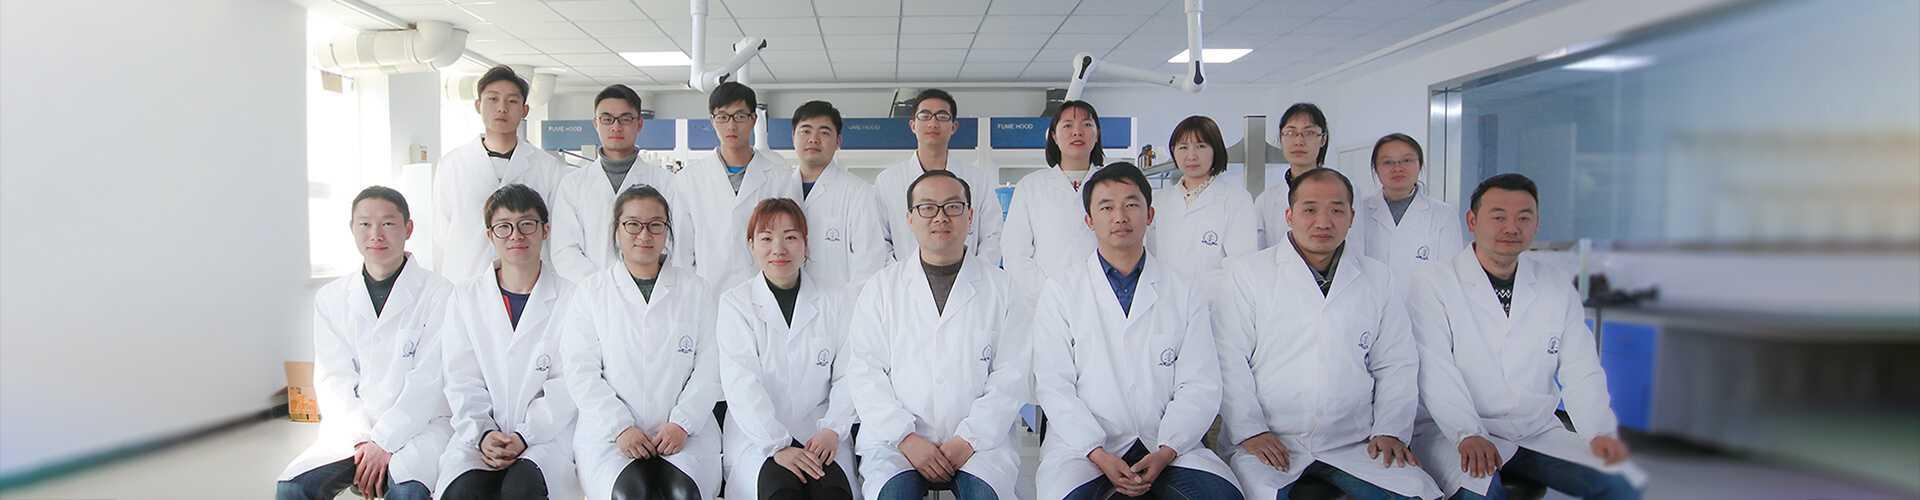 标准物质-www.bzwz.com国家标准物质网-Reference Materials